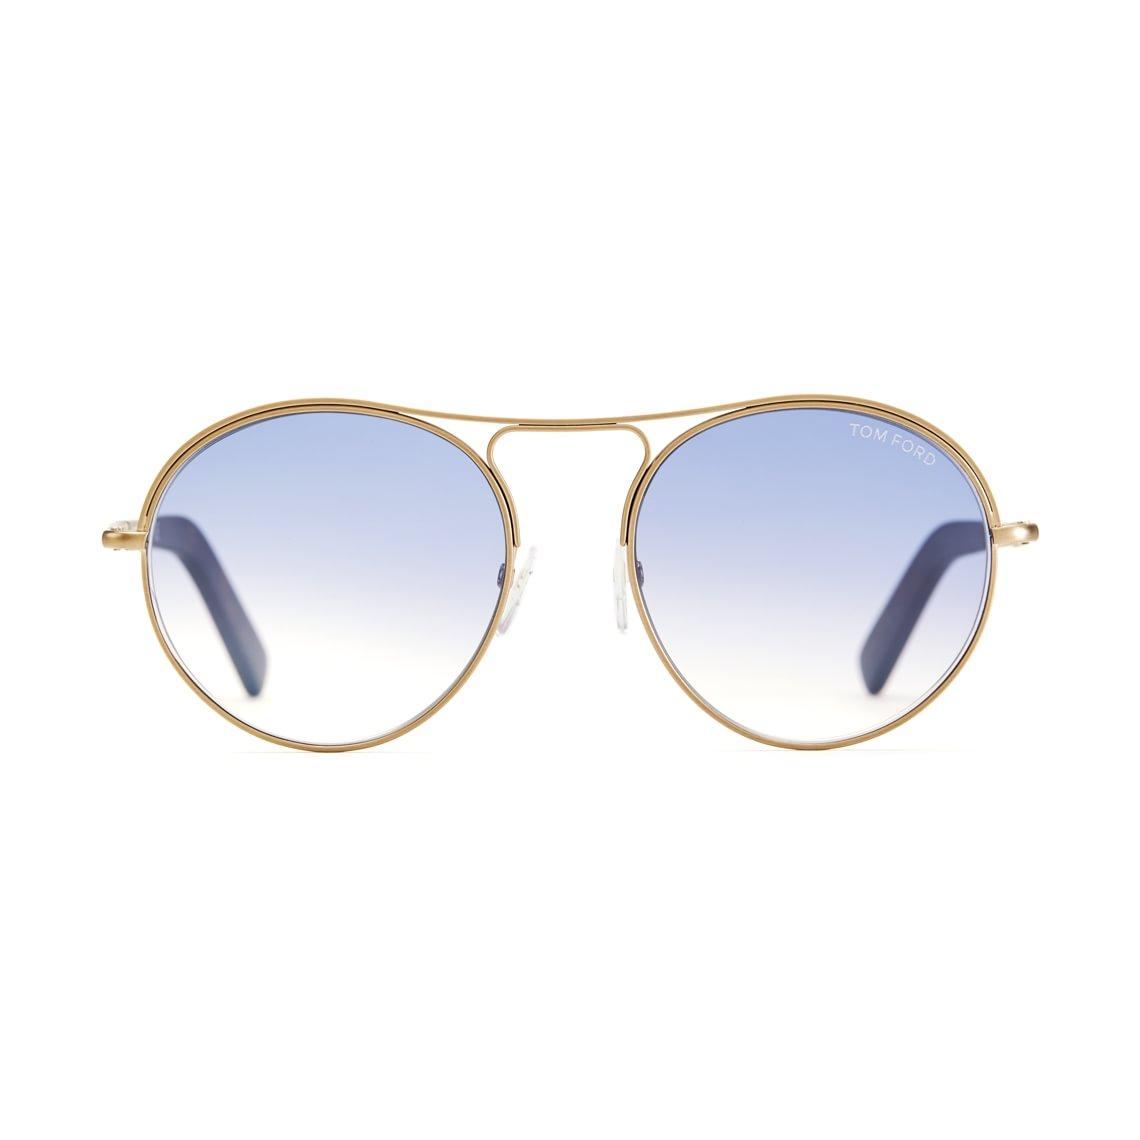 glasögon erbjudande göteborg